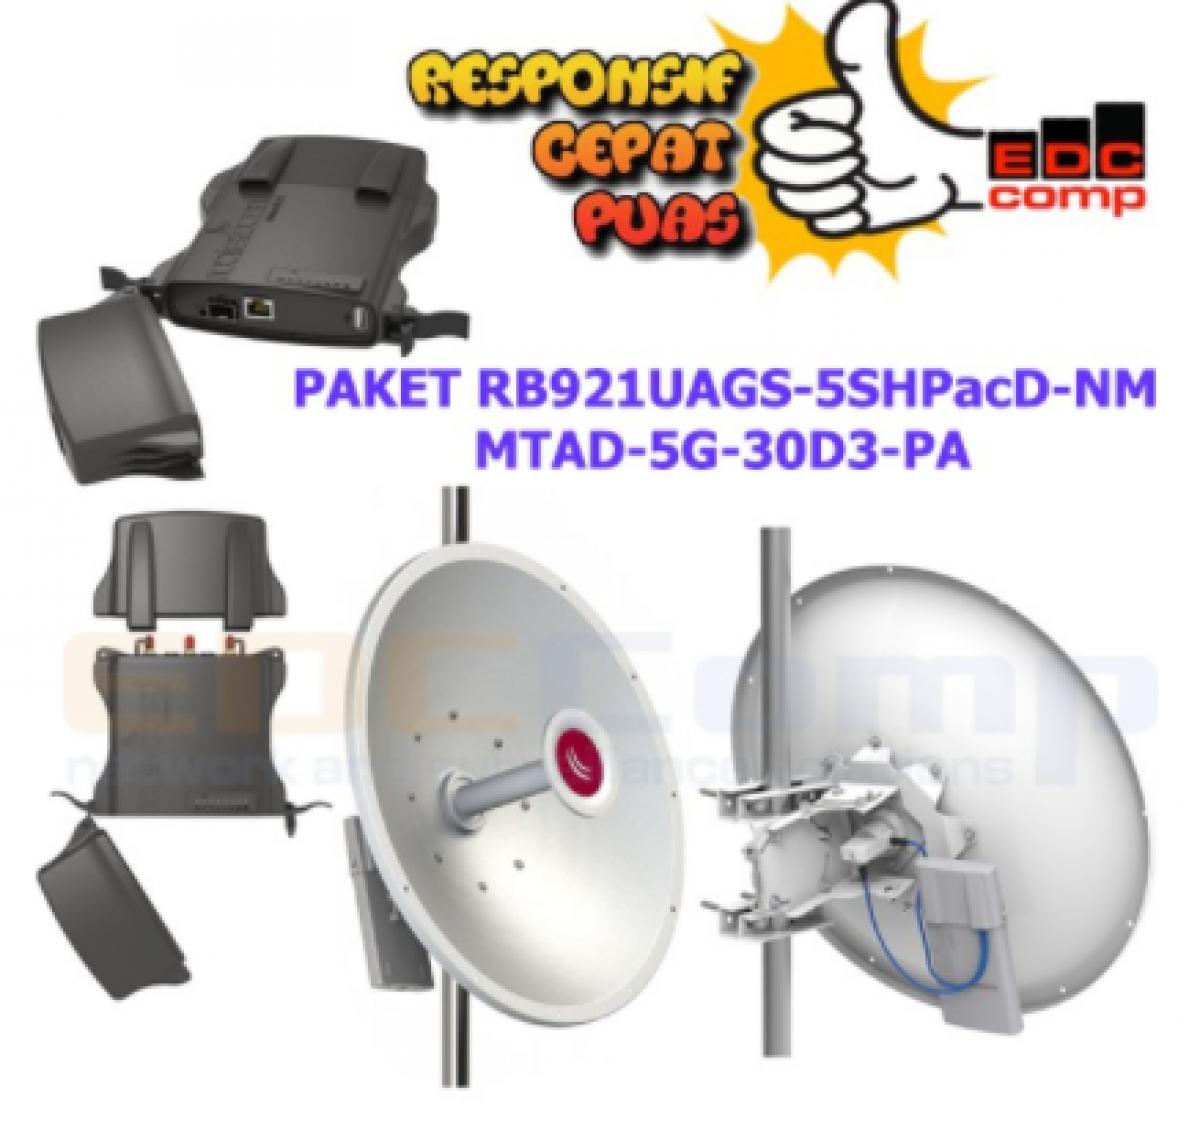 Paket Mikrotik NetMetal RB921UAGS-5SHPacD-NM + mANT30 MTAD-5G - EdcComp